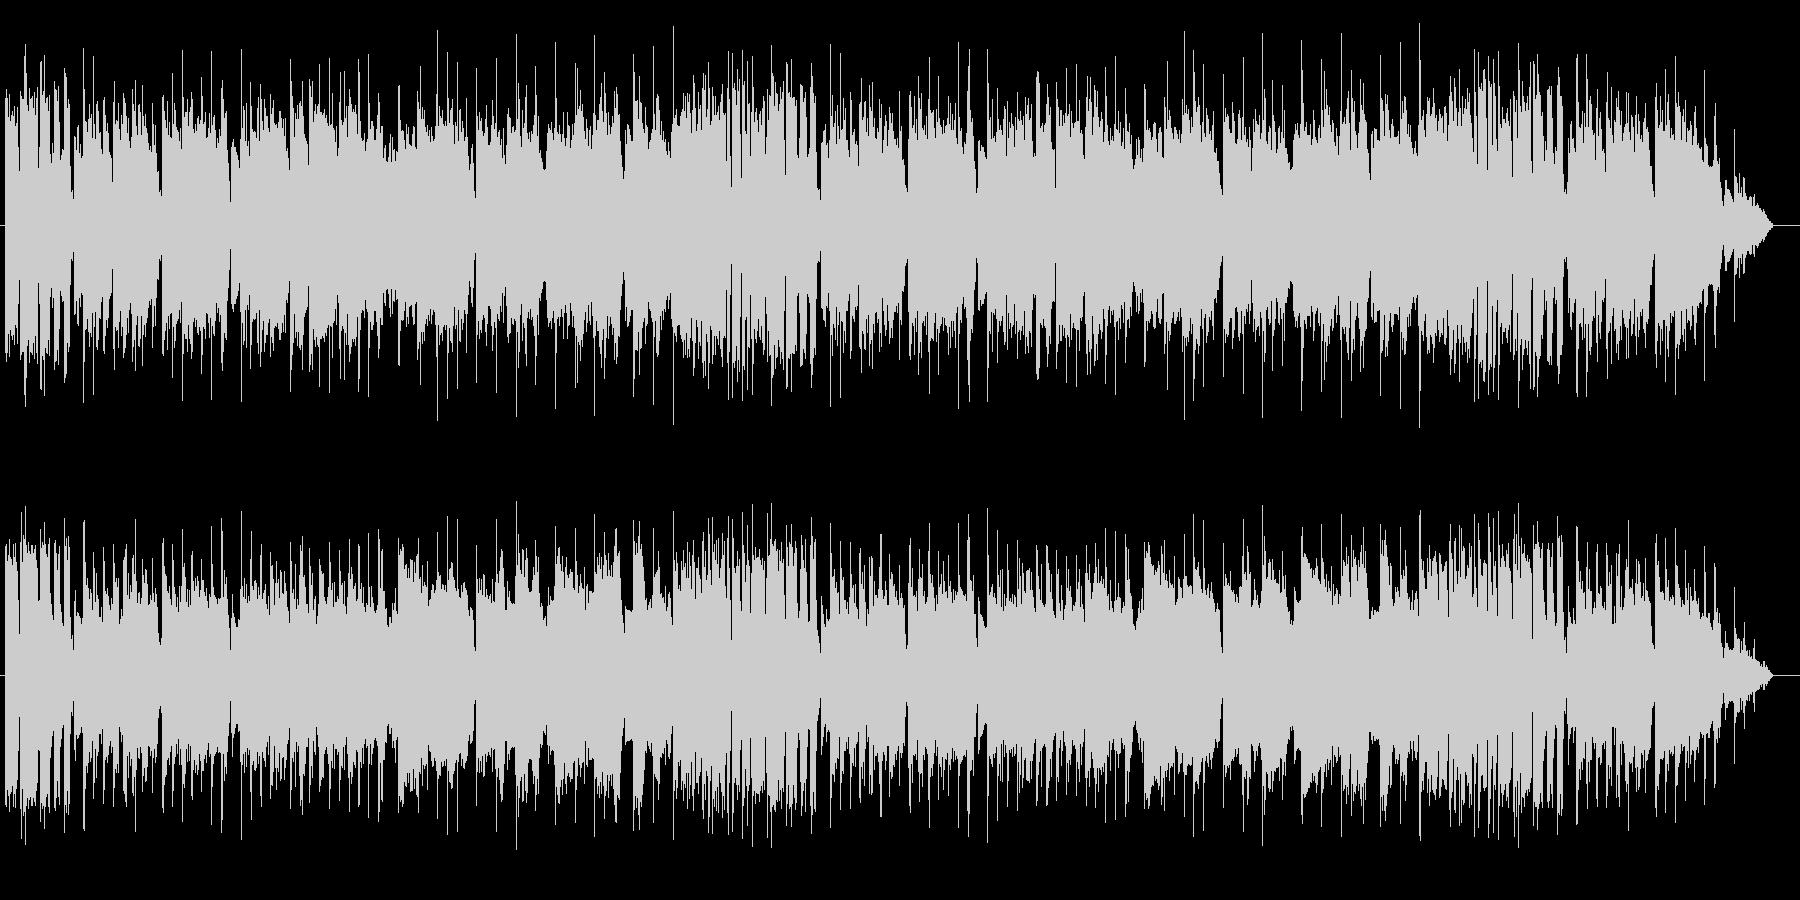 オープニング用のブラスファンファーレの未再生の波形